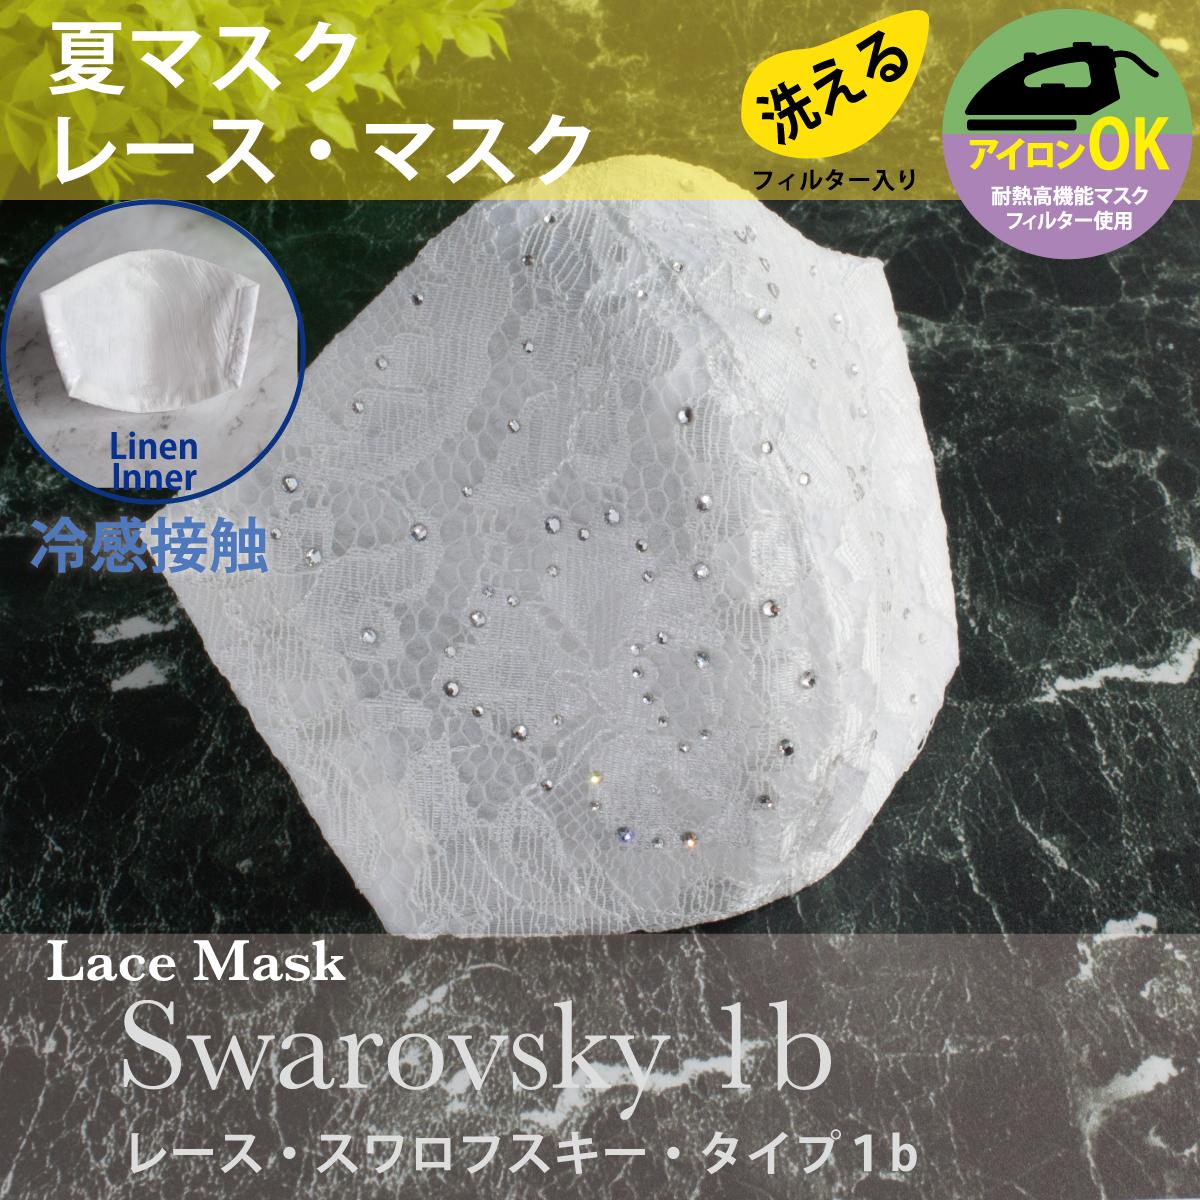 スワロフスキー・レース・ホワイト 1b フィルター入り 立体 マスク 大人用 黄砂 花粉 夏マスク